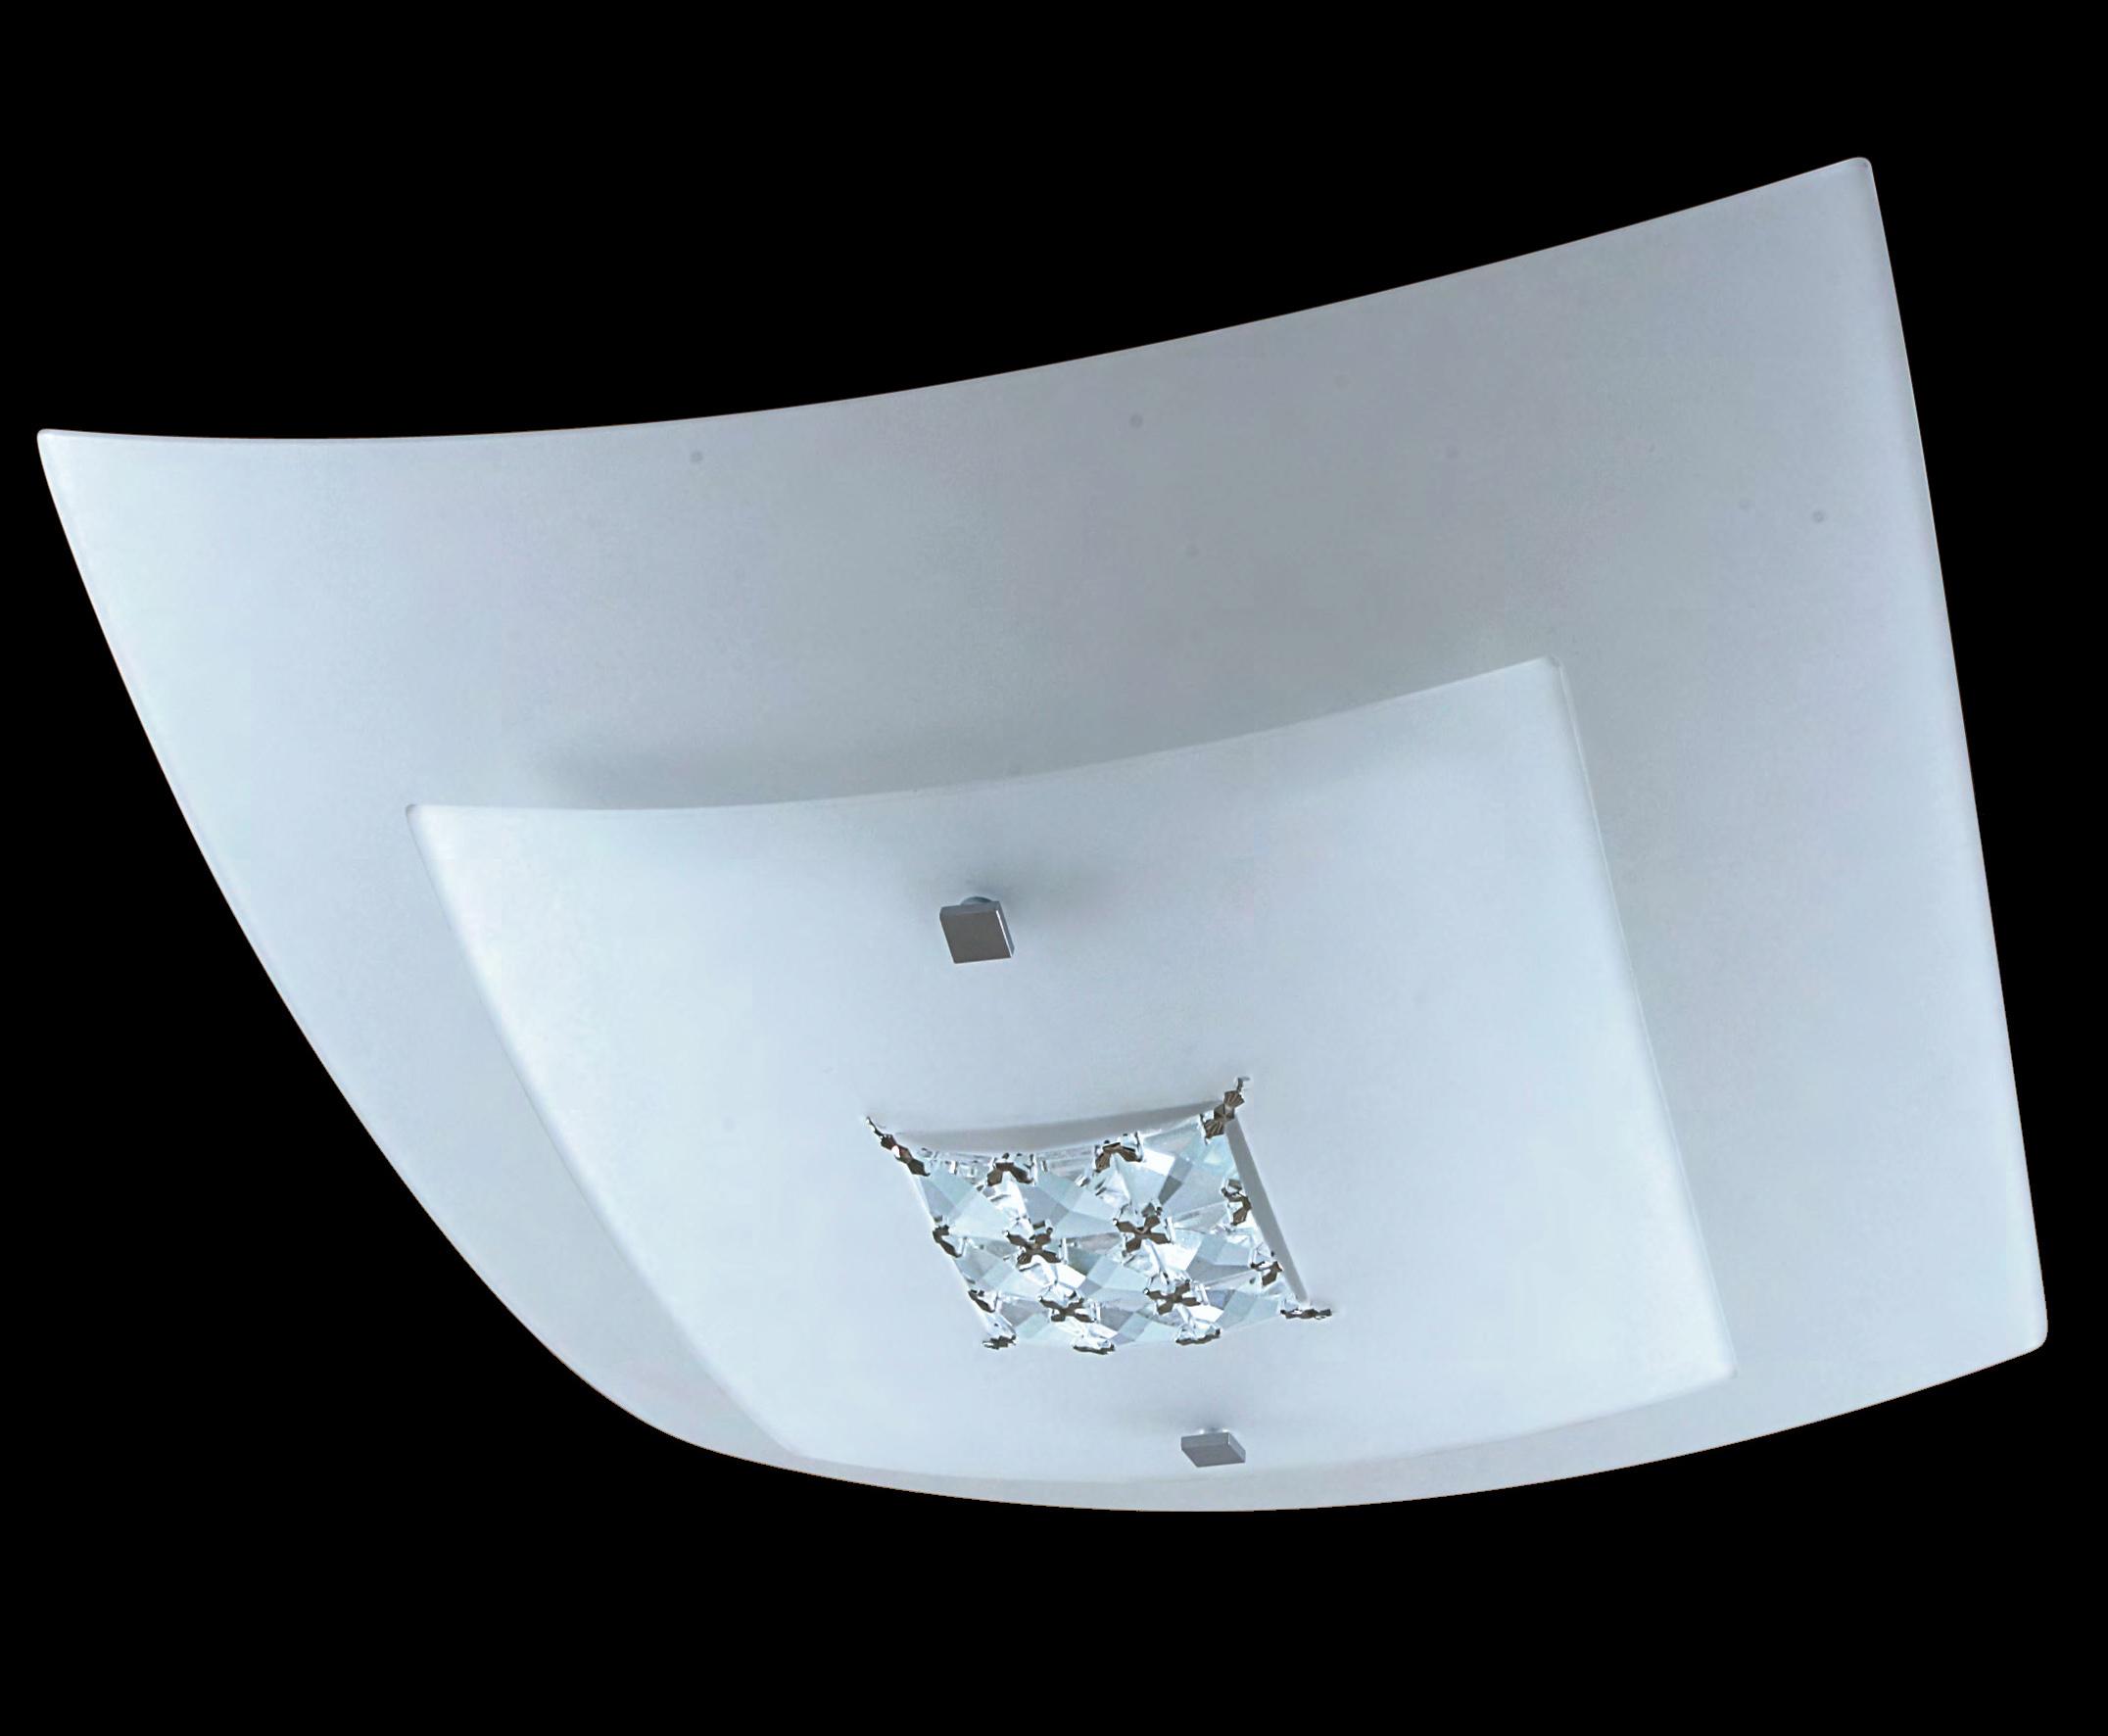 Plafoniere Da Soffitto In Cristallo : Padana lampadari lampada da soffitto pony cristallo